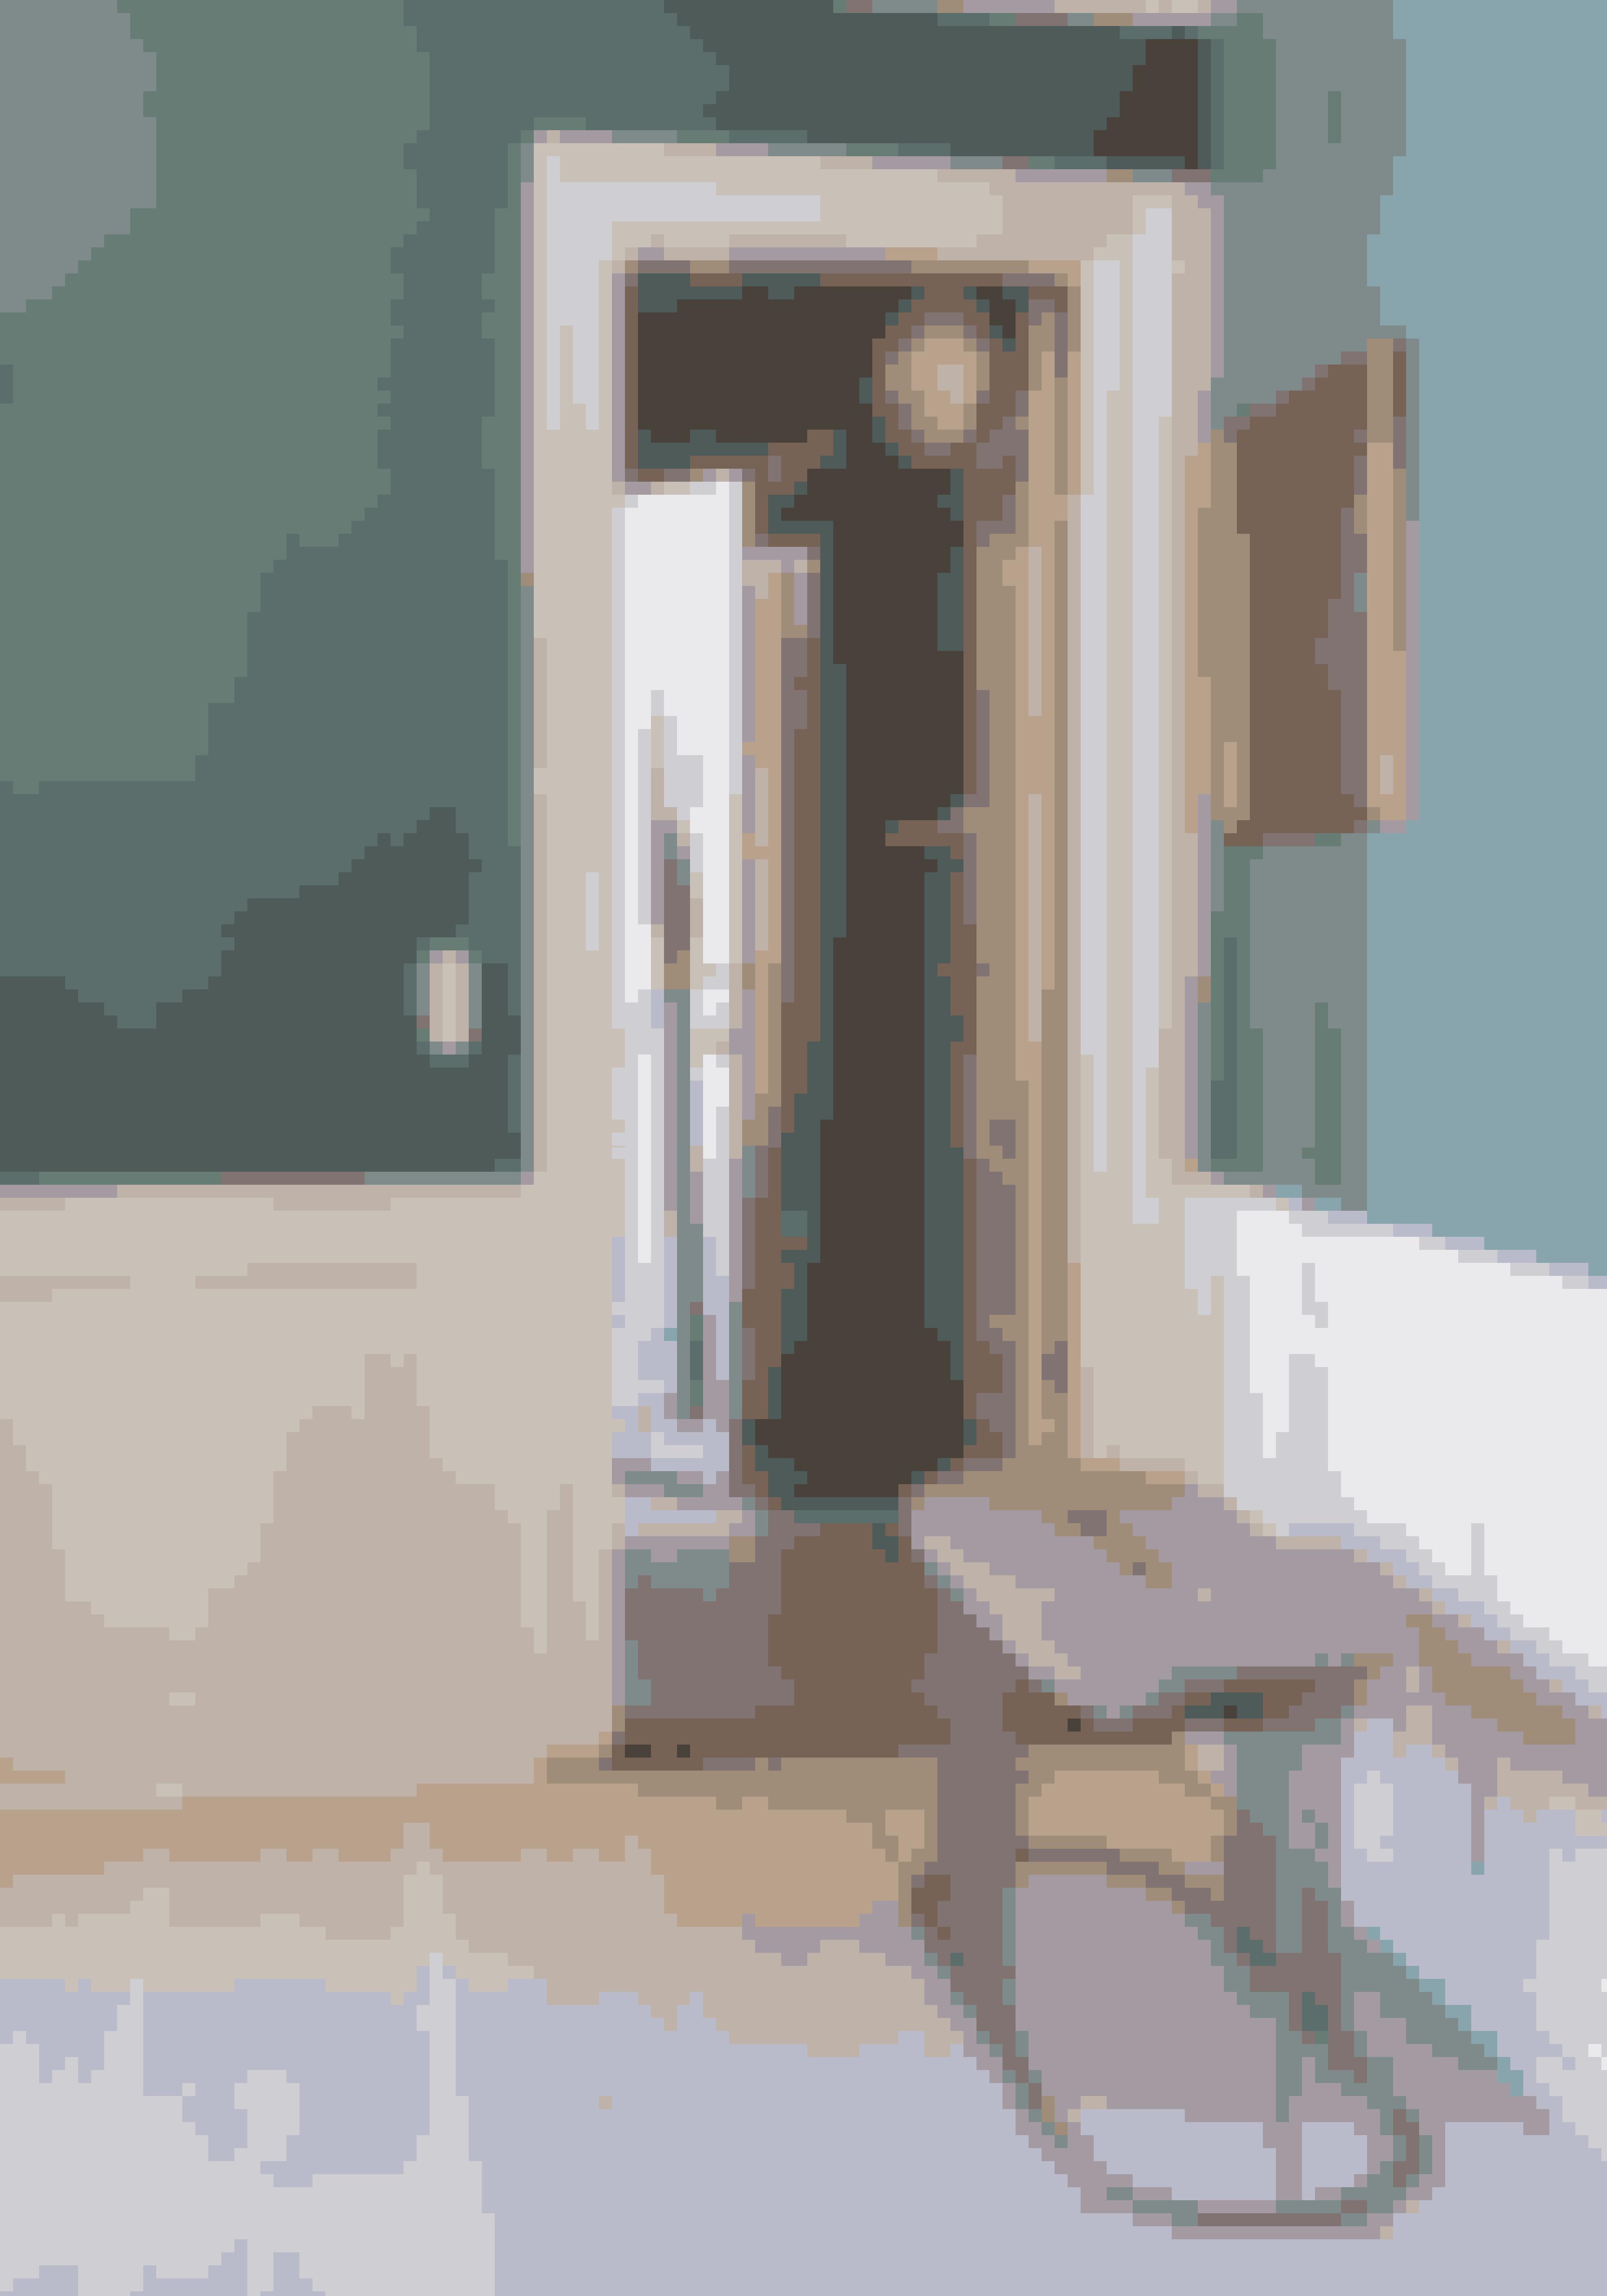 Fremhæv panelerne ved at holde dem hvide og male væggen i en farve. Den lyserøde bænk er fra Bolia, og lampen i gangen er fra Menu.